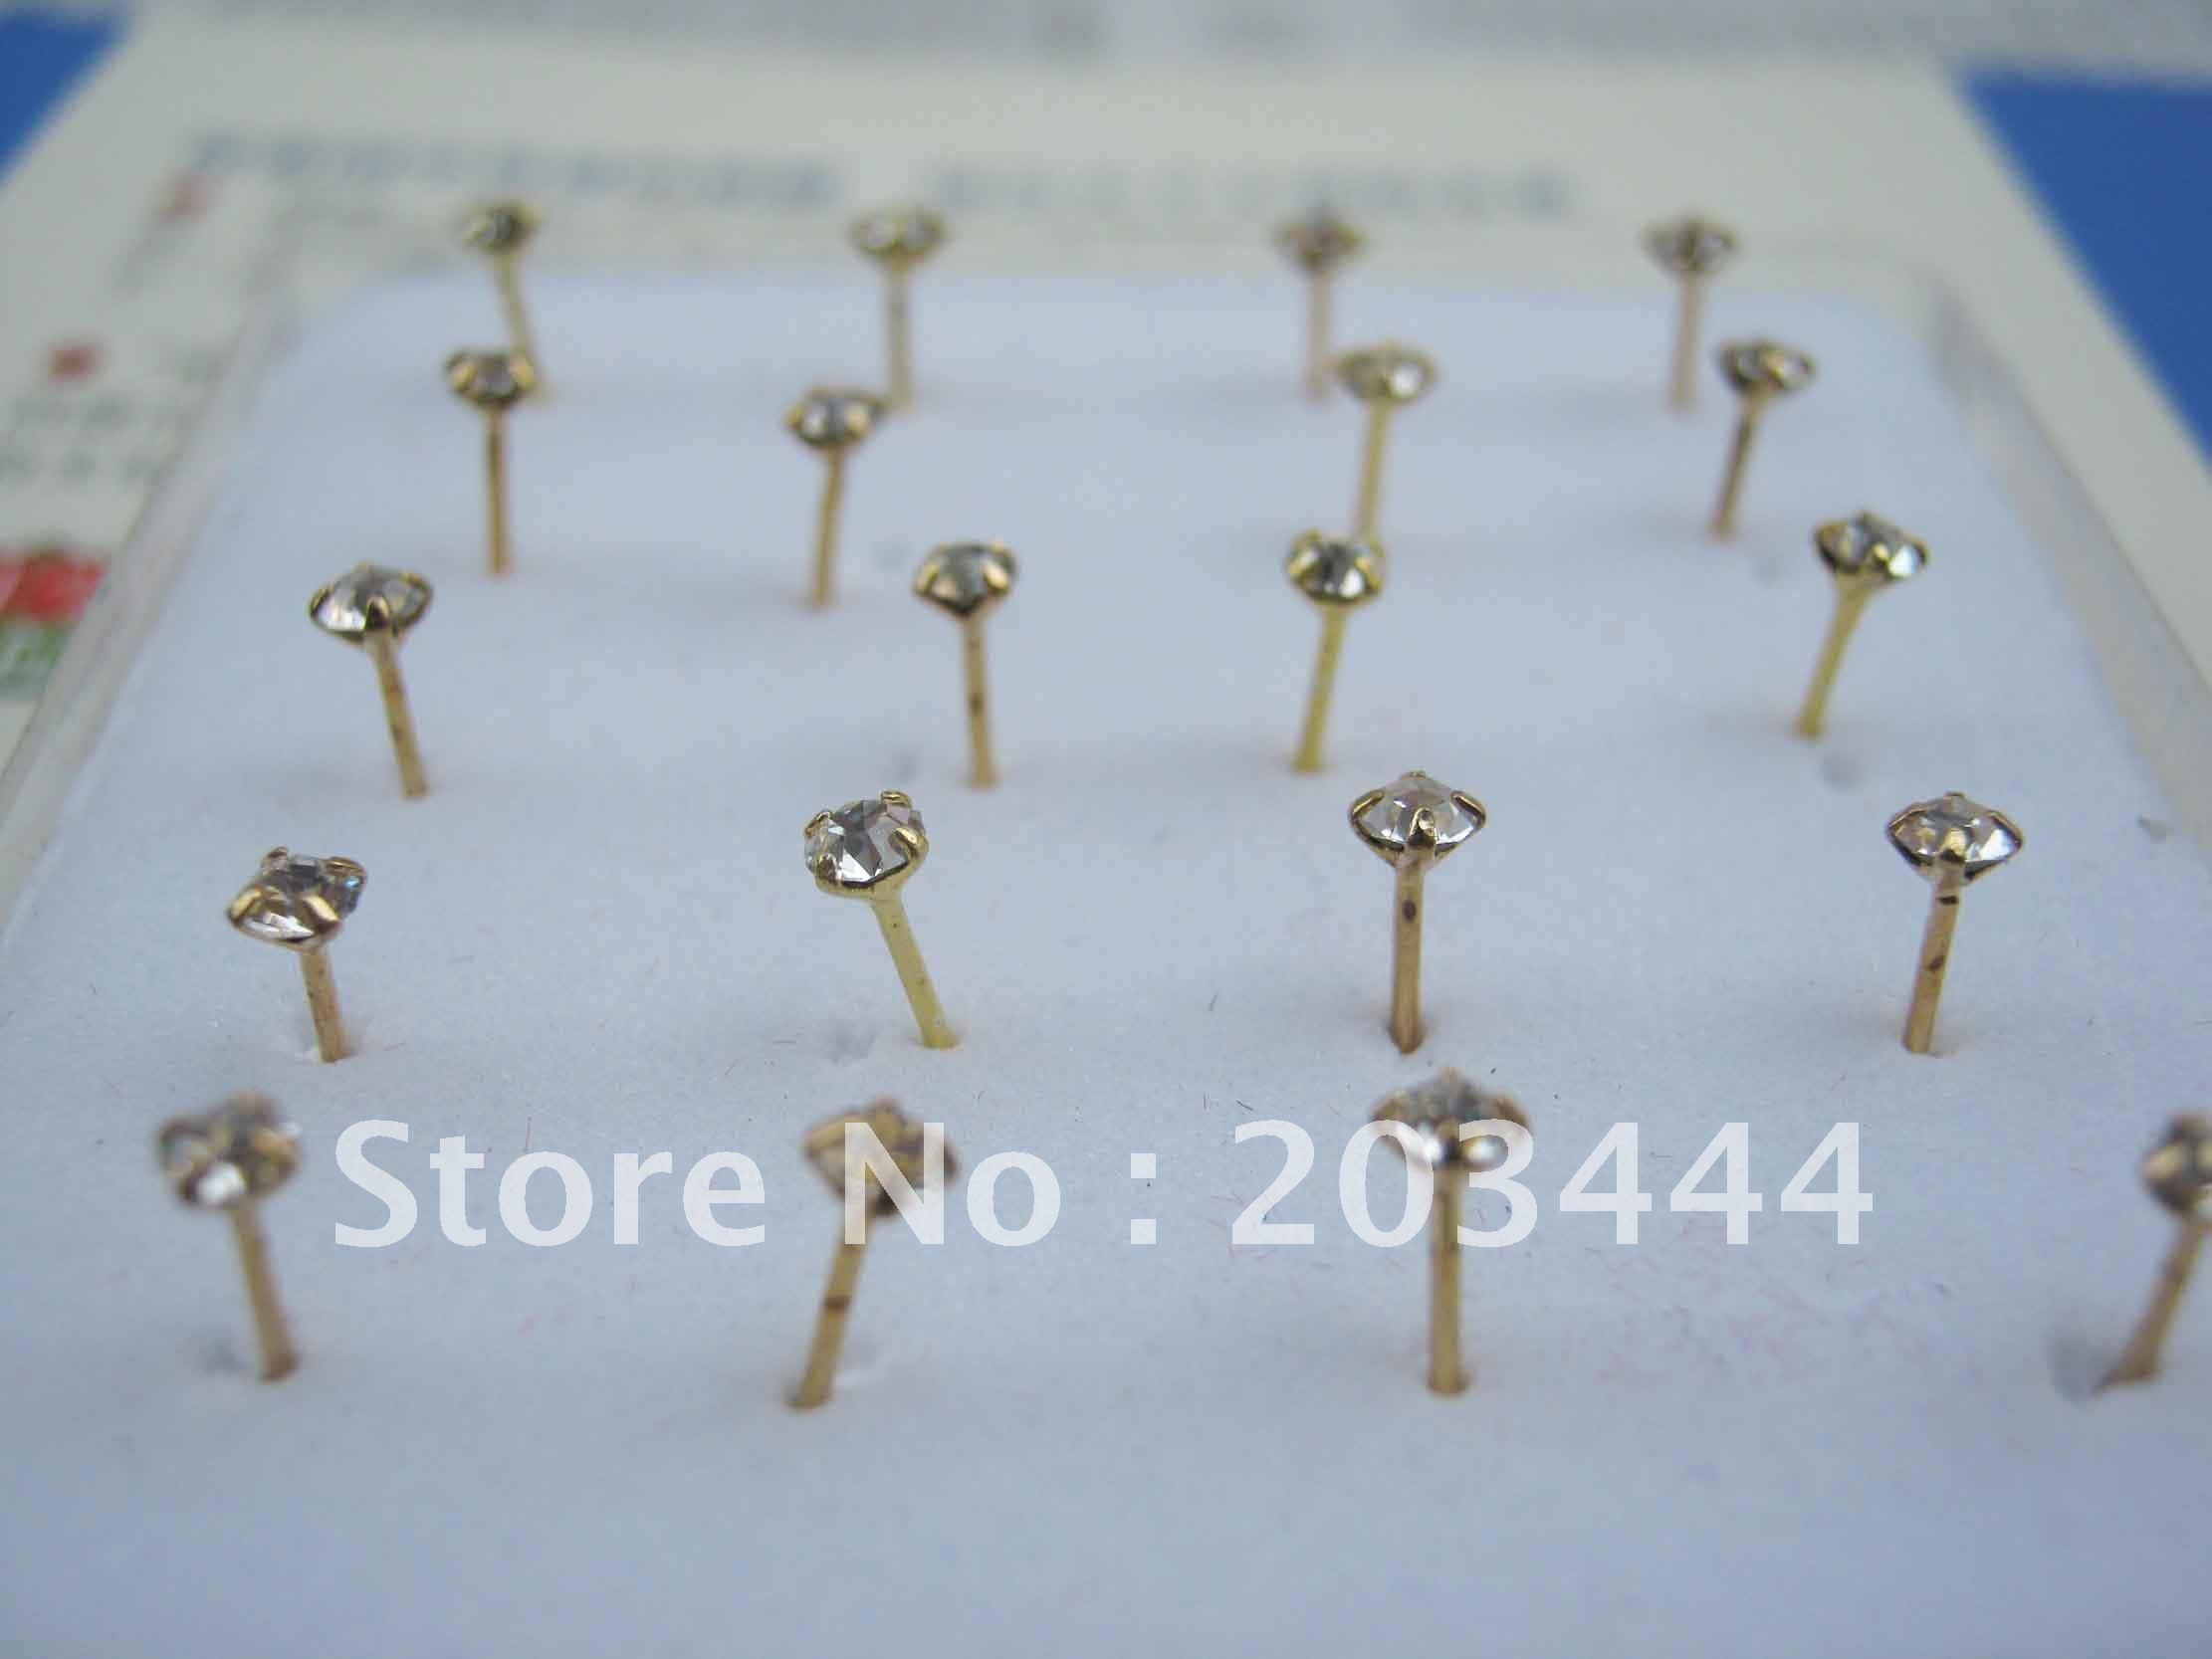 Jewelry-Silver-Jewelry-Body-Jewelry-Wholesale-Silver-Jewelry-925Silver title=